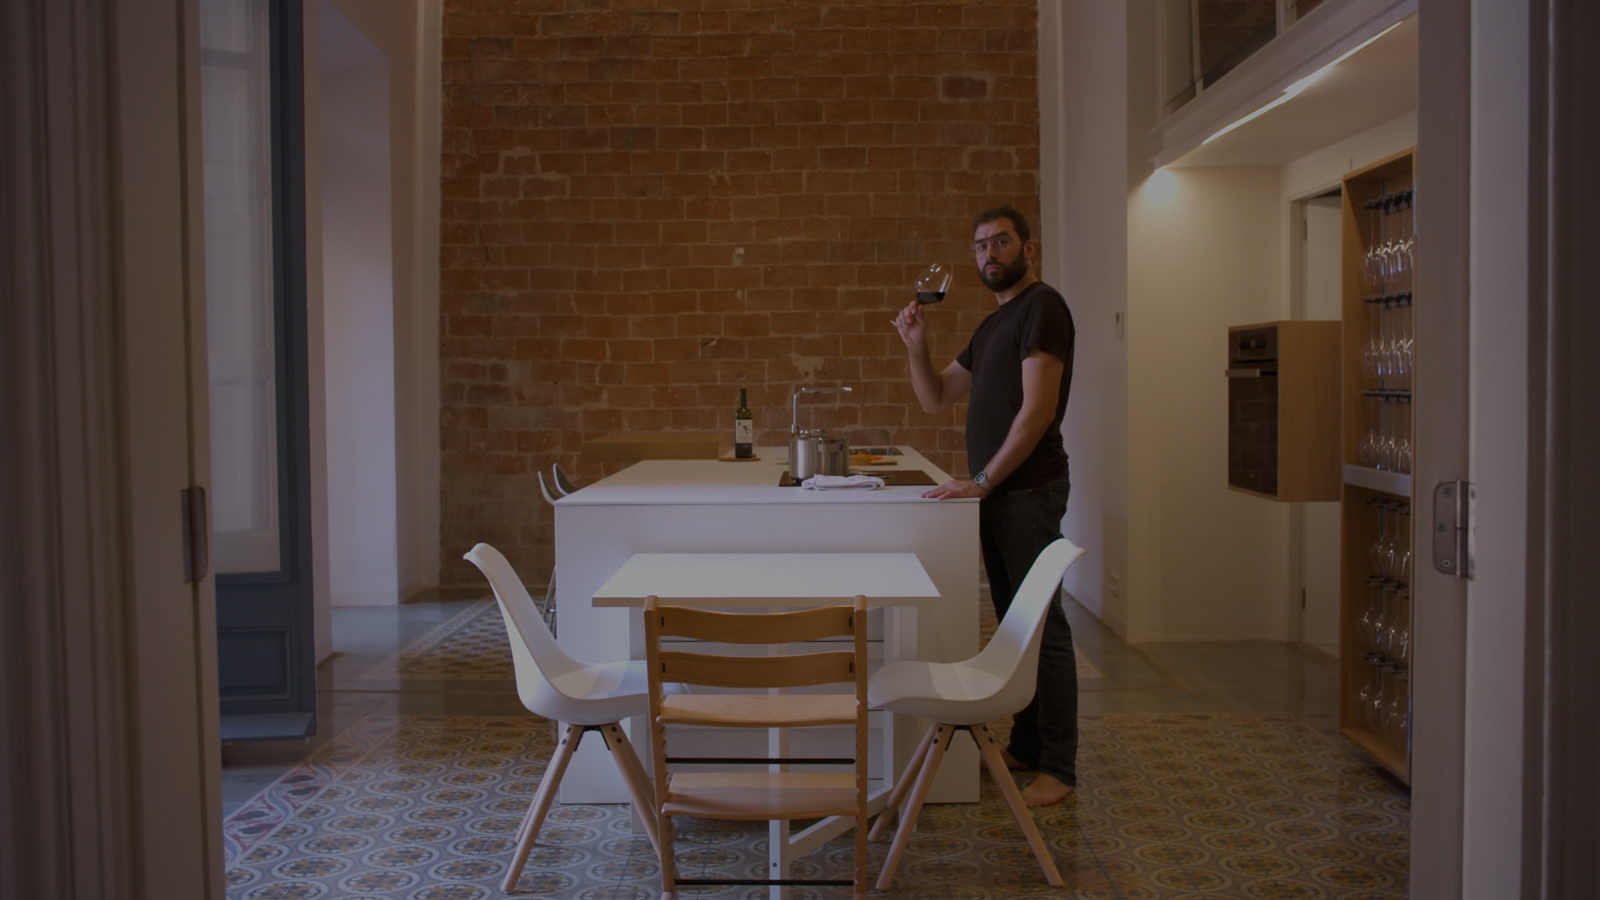 https://www.elsdelrepla.com/https://vimeo.com/248022165